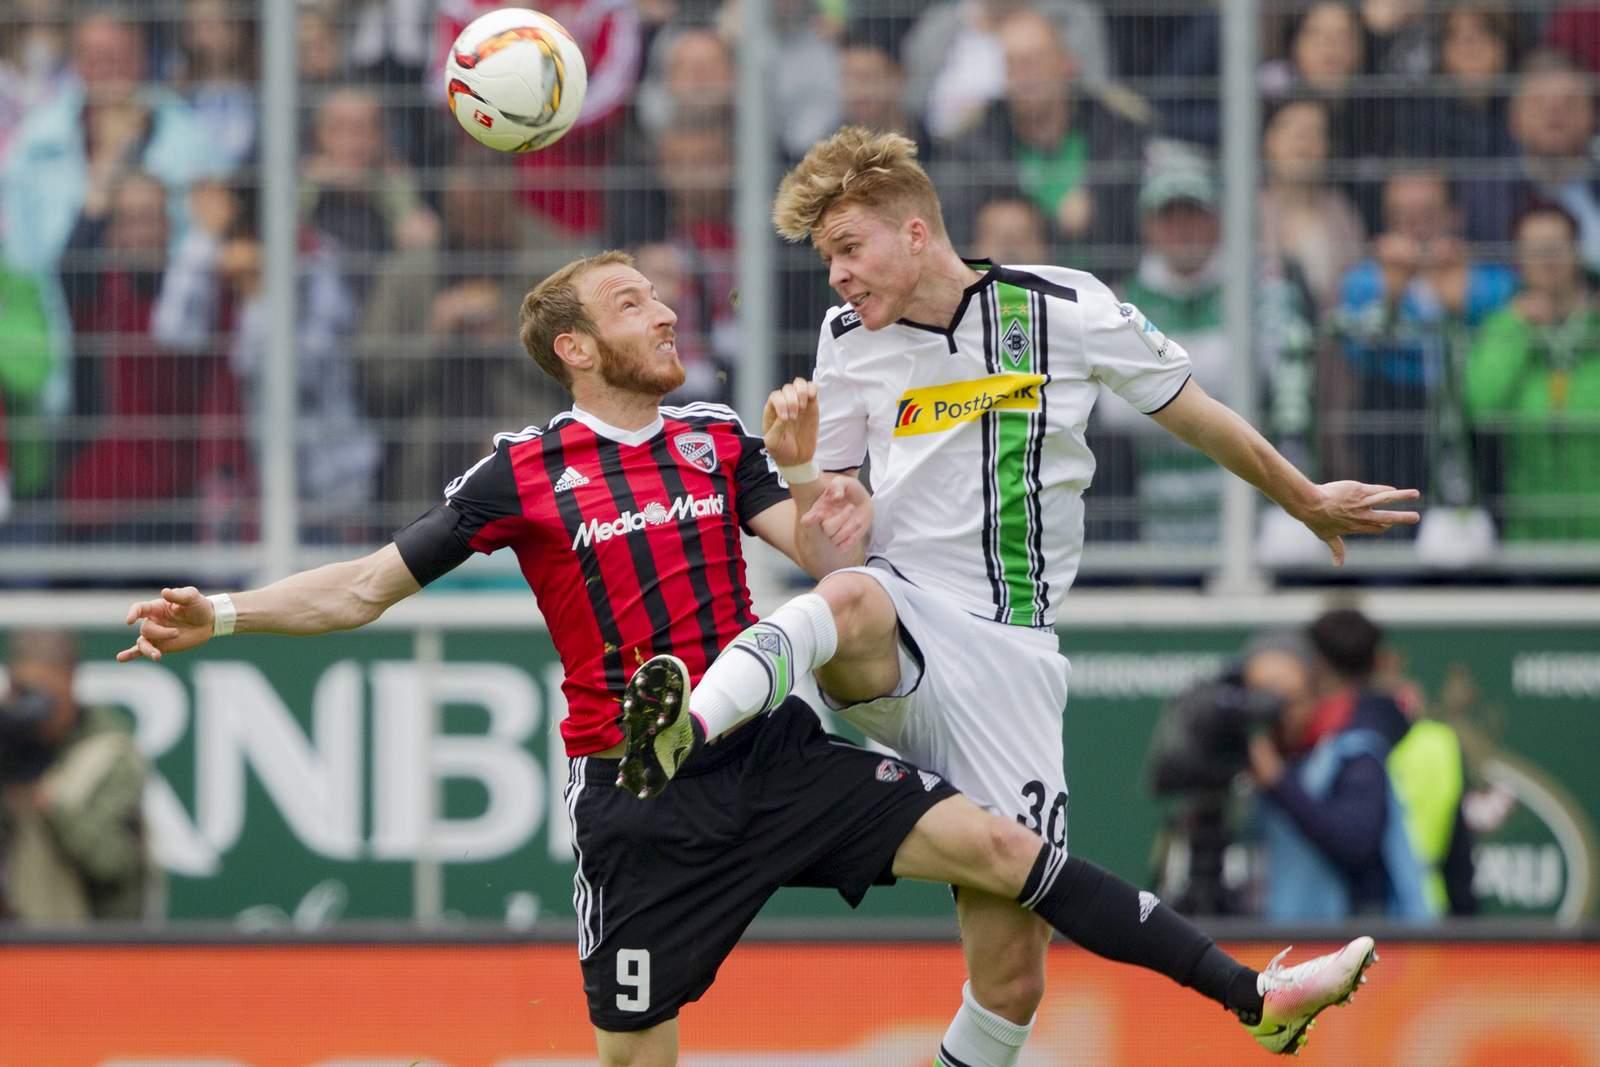 Setzt sich Hartmann gegen Elvedi durch? Unser Tipp: Gladbach gewinnt gegen Ingolstadt